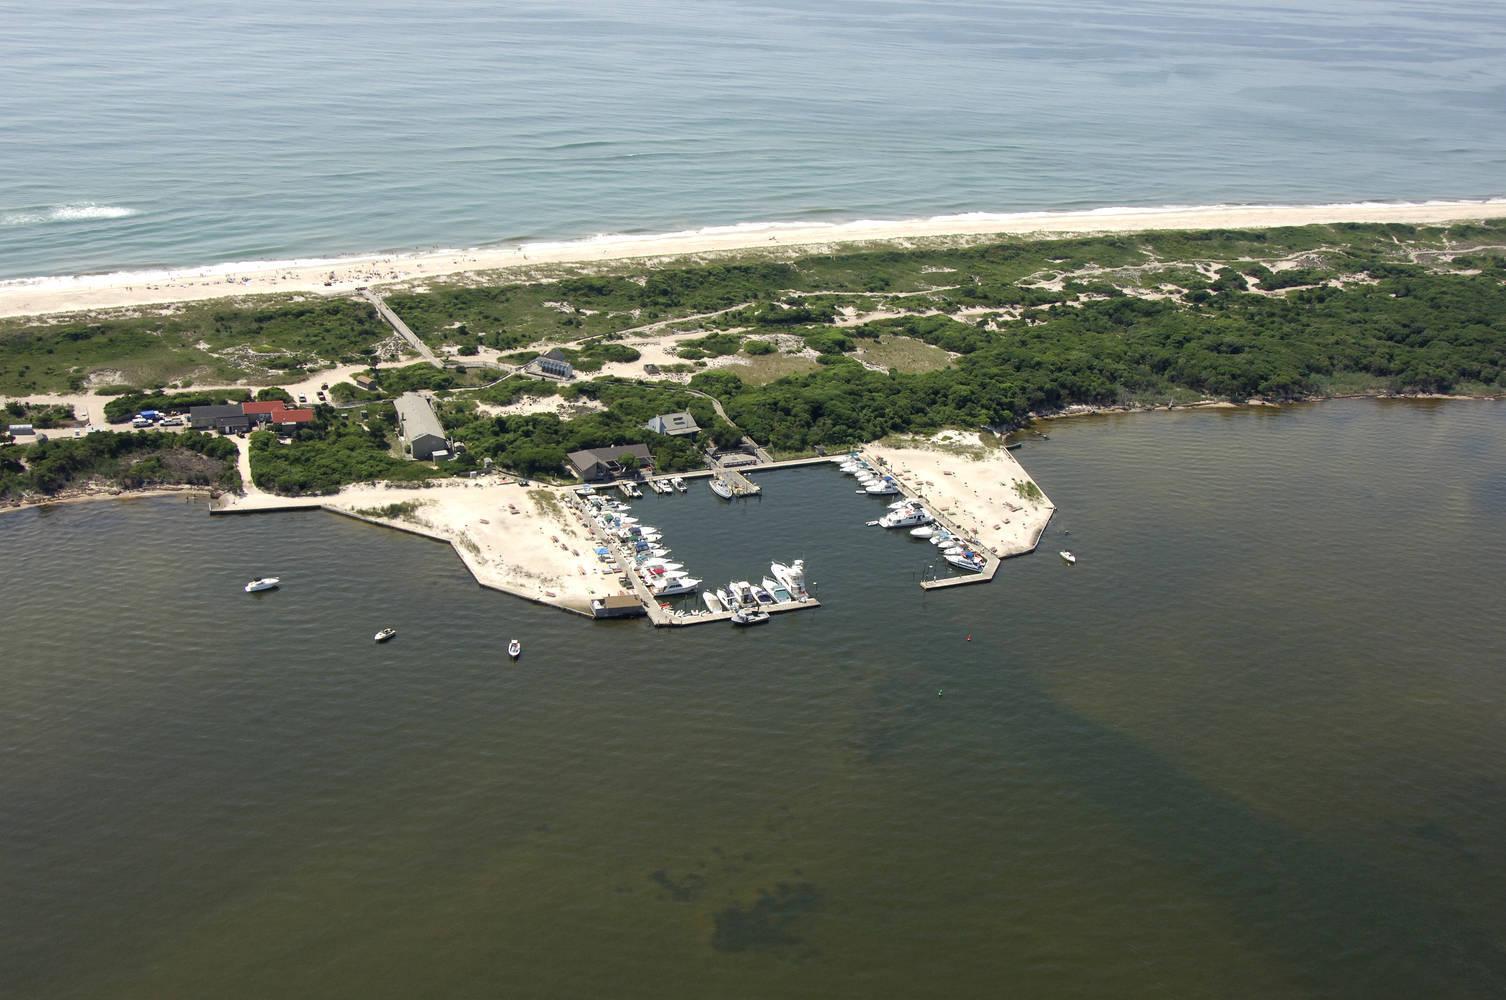 Sailors Haven Marina Fire Island National Seashore, NY slip